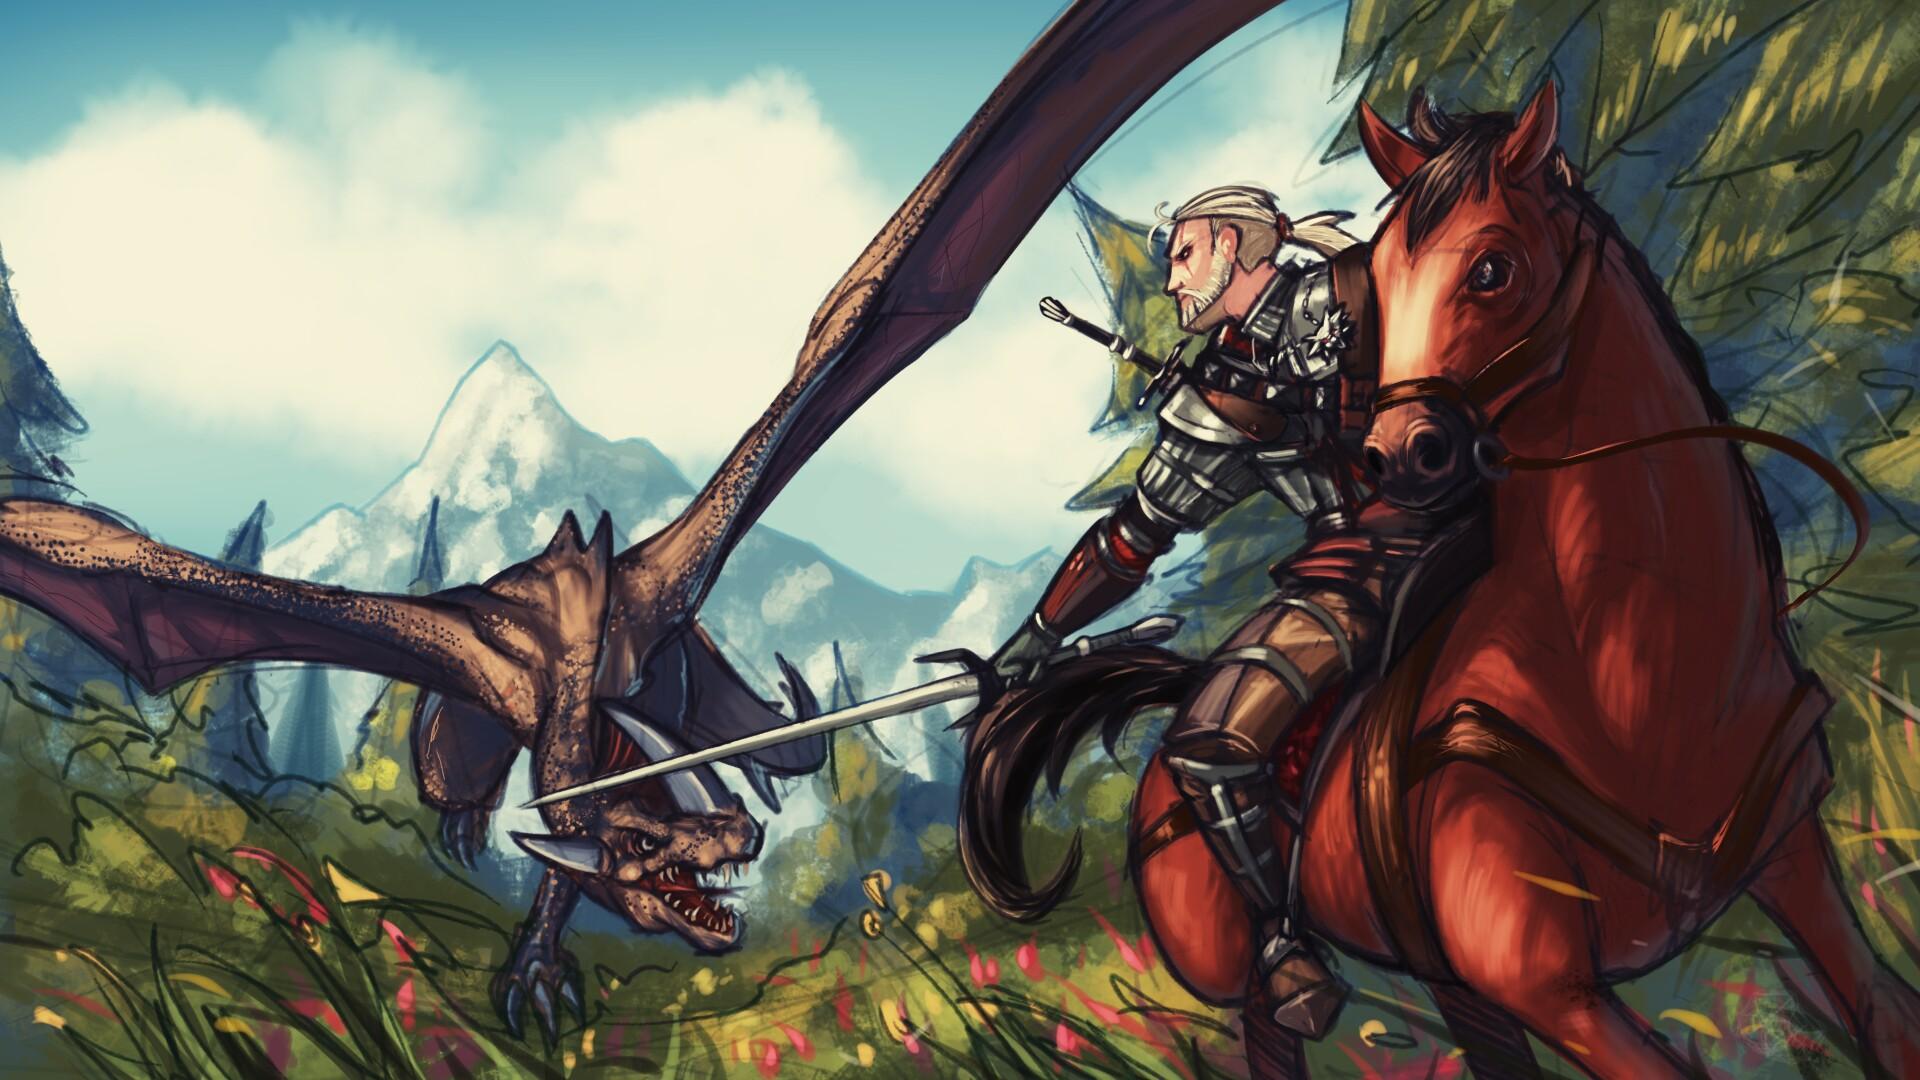 Witcher 3 Fanart By Ninjakimm On DeviantArt